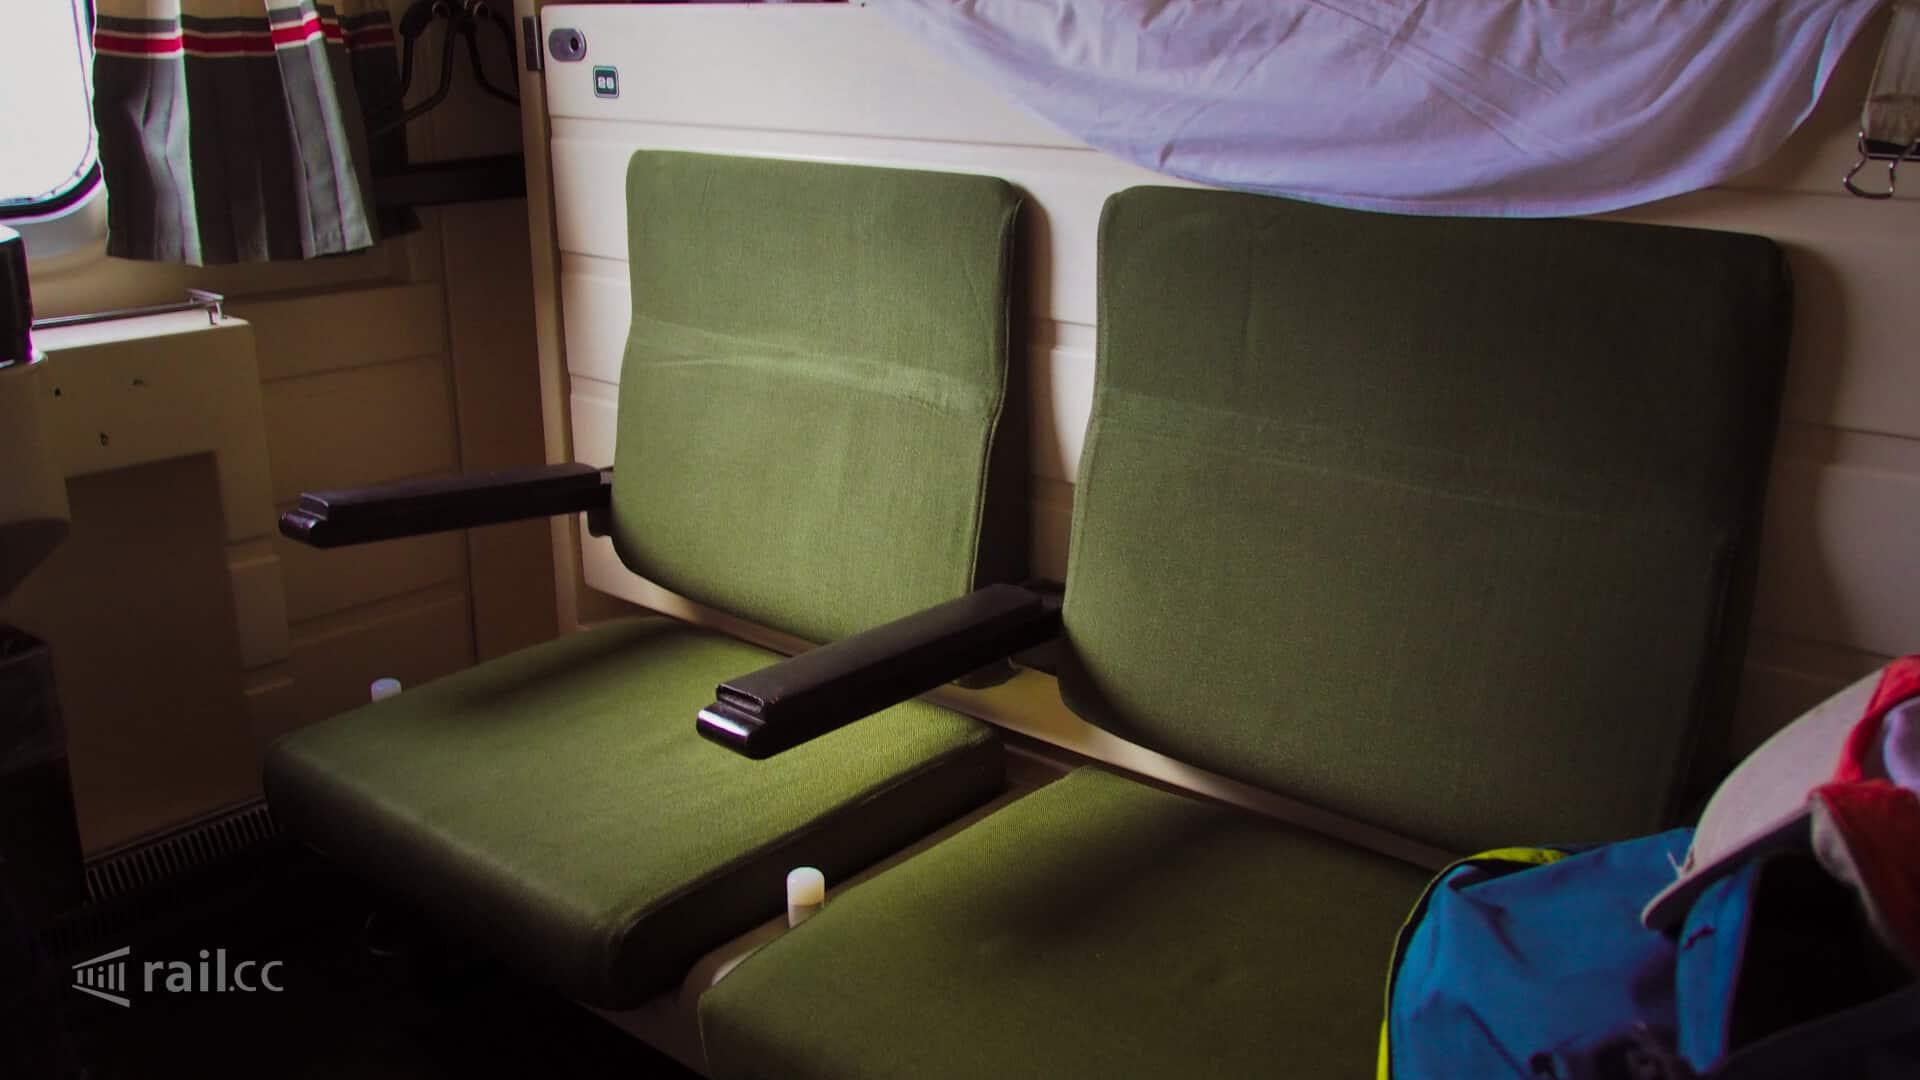 Tagstellung der Sitze im Schlafwagen